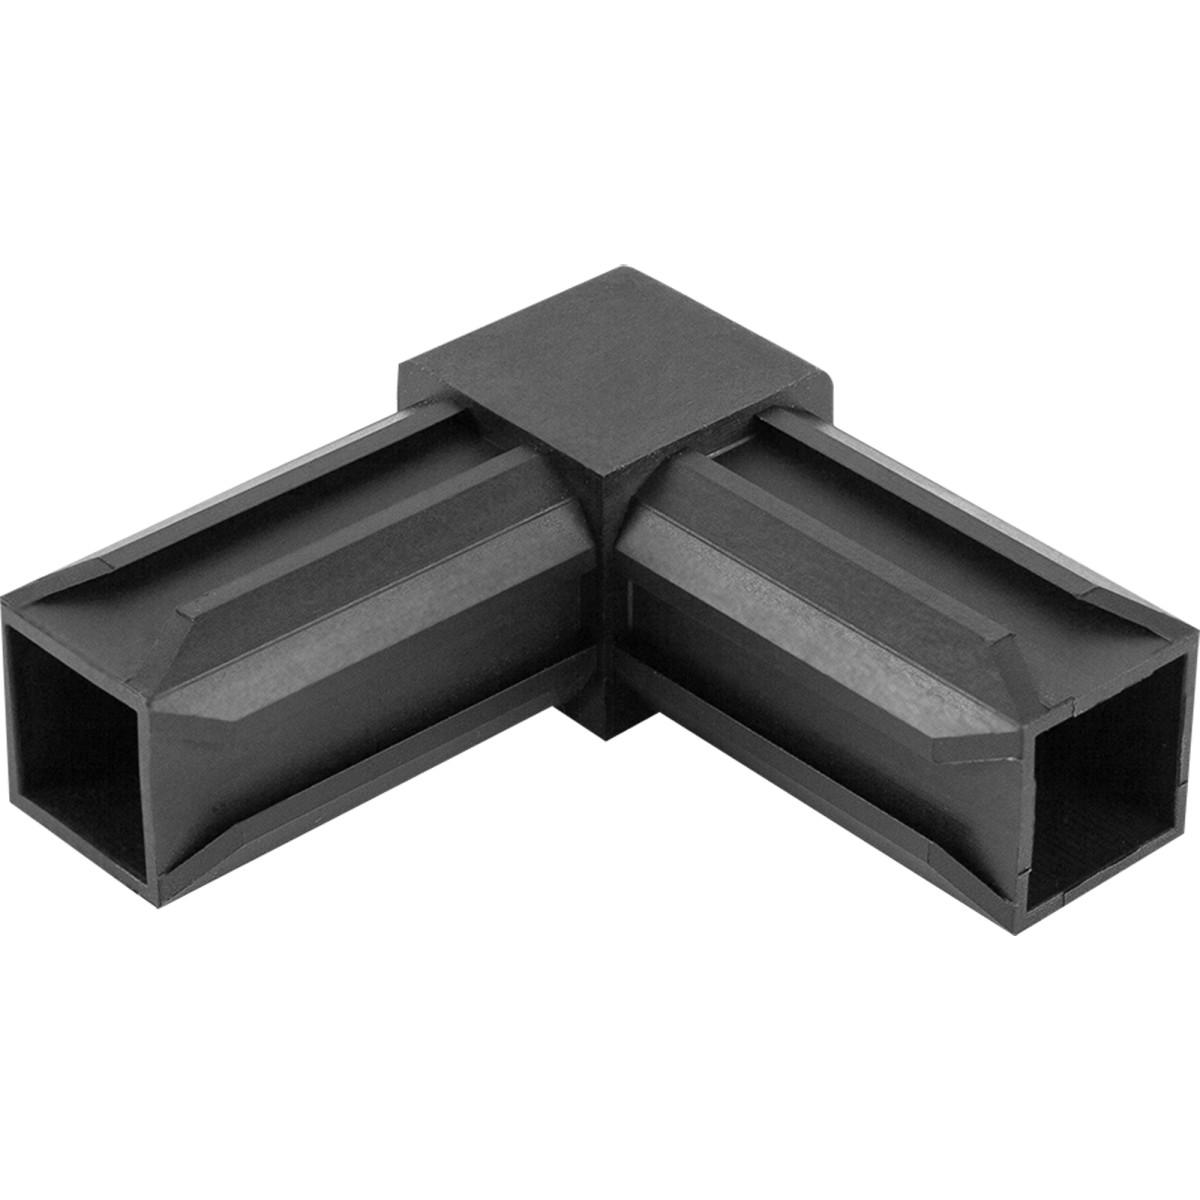 Соединитель пластиковый для трубы 30x30 мм 2-палый смежный